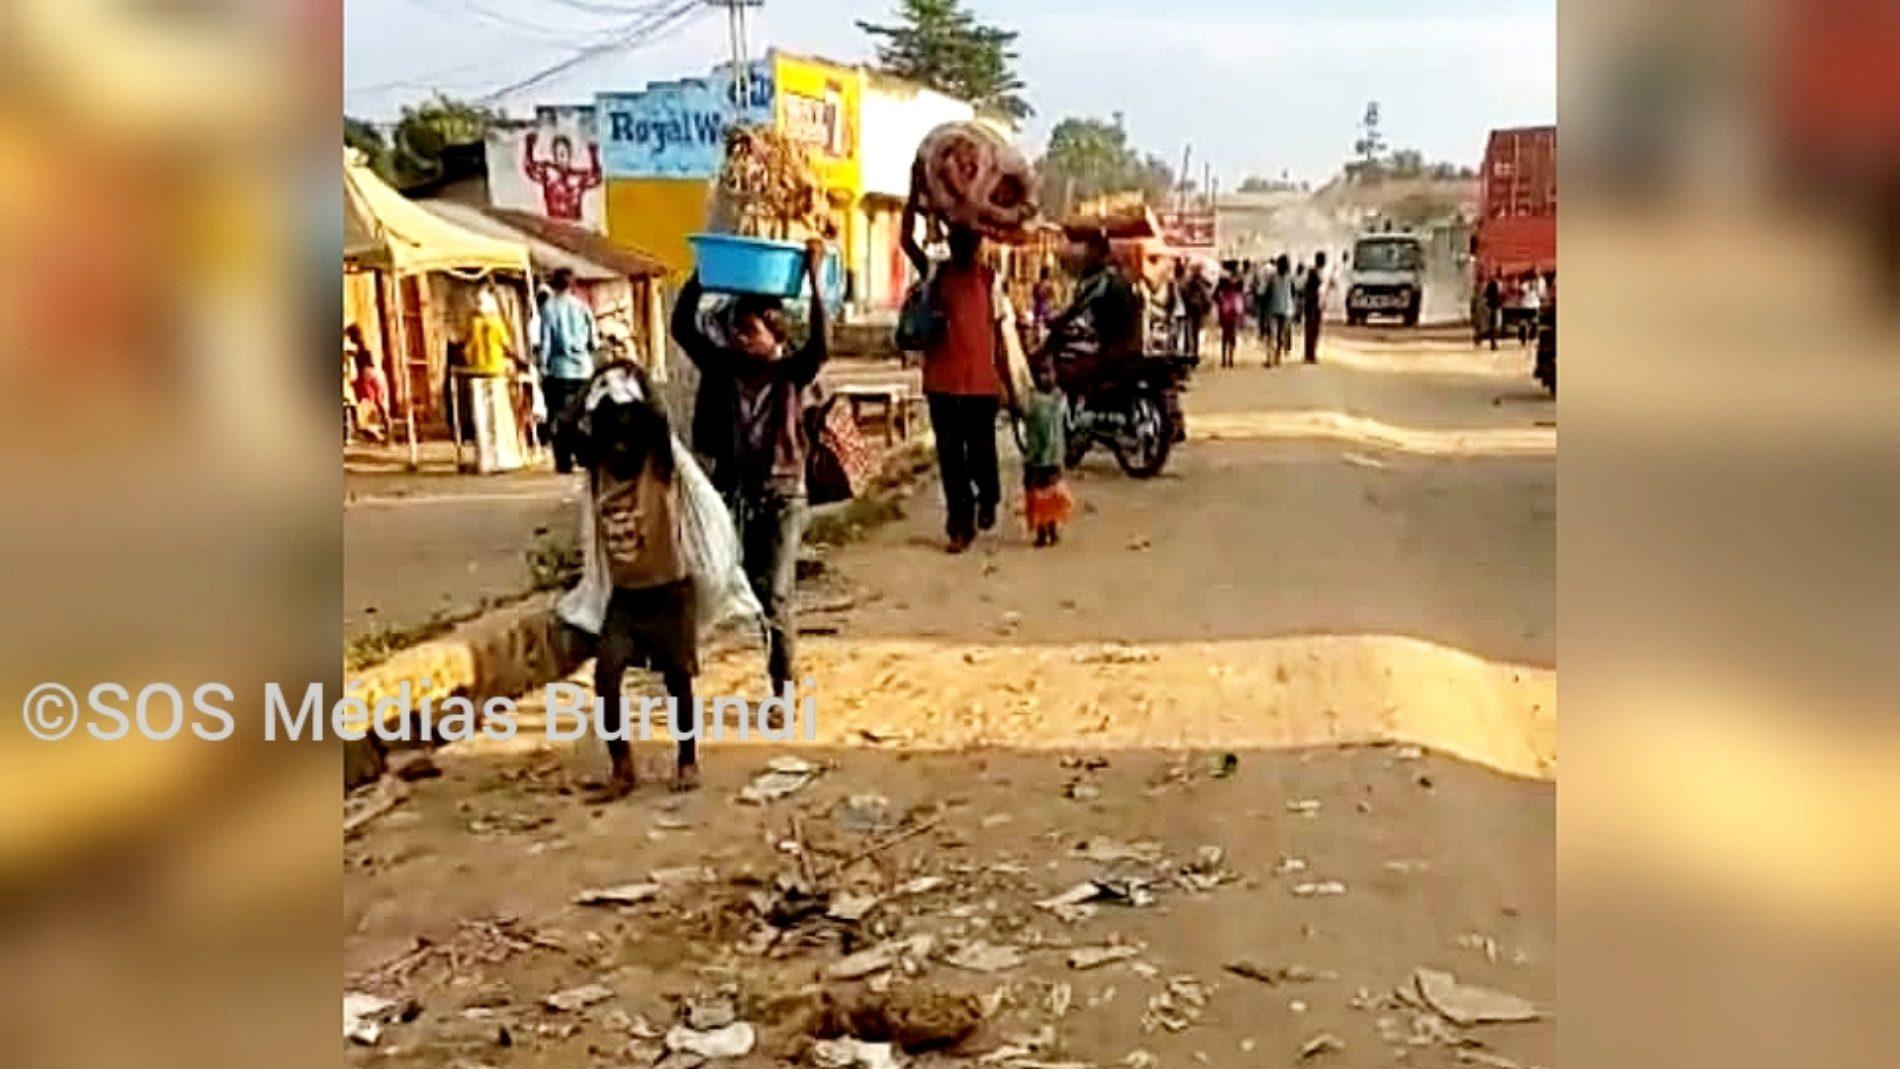 RDC-Ituri : huit personnes assimilées aux rebelles Adf tuées par des habitants à Komanda